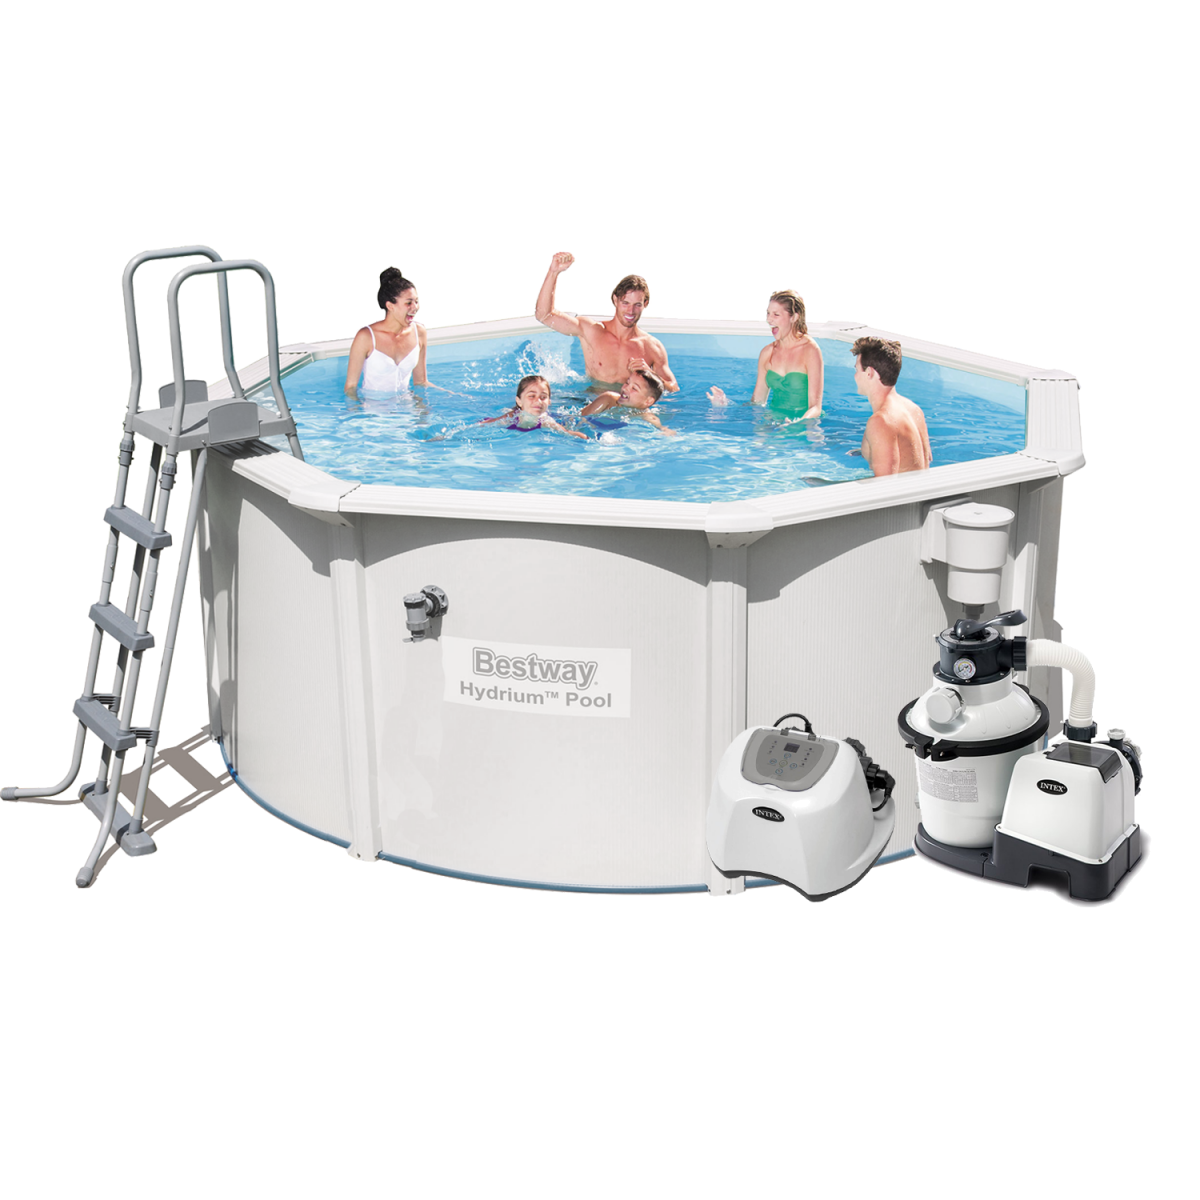 Каркасный бассейн Bestway 56563 - 10, 300 x 120 см (4 500 л/ч, 5 г/ч, скиммер, лестница, подстилка)